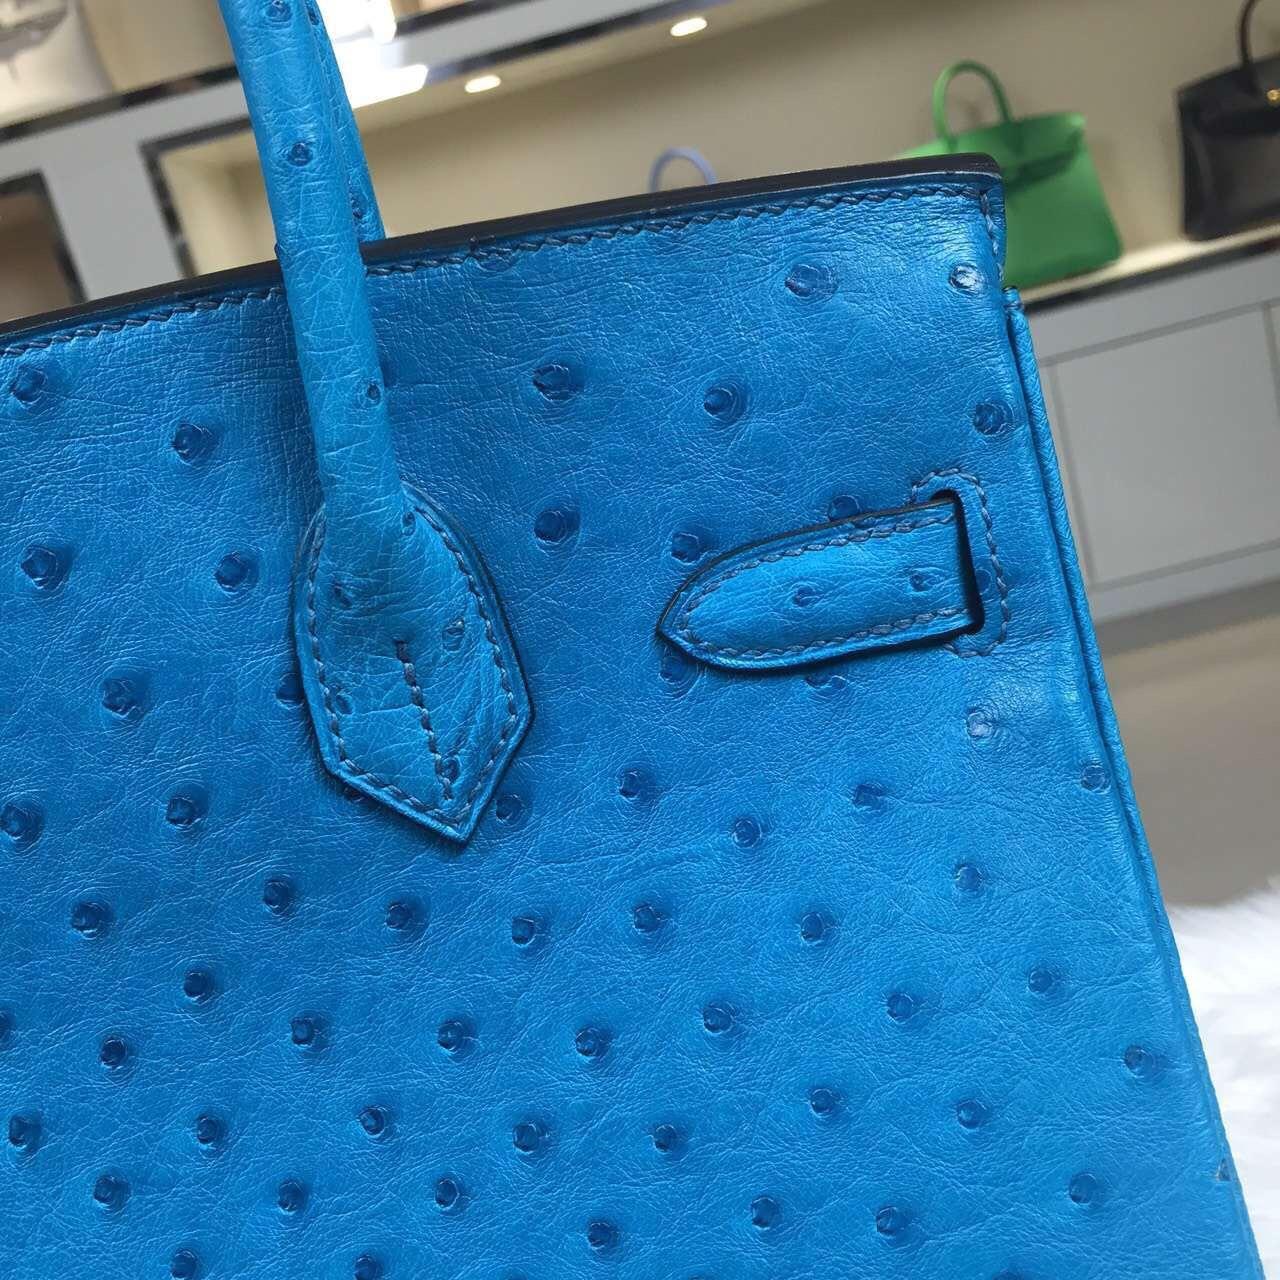 Hand Stitching Hermes 7W Blue Izmir Original Ostrich Leather Birkin Bag 30cm